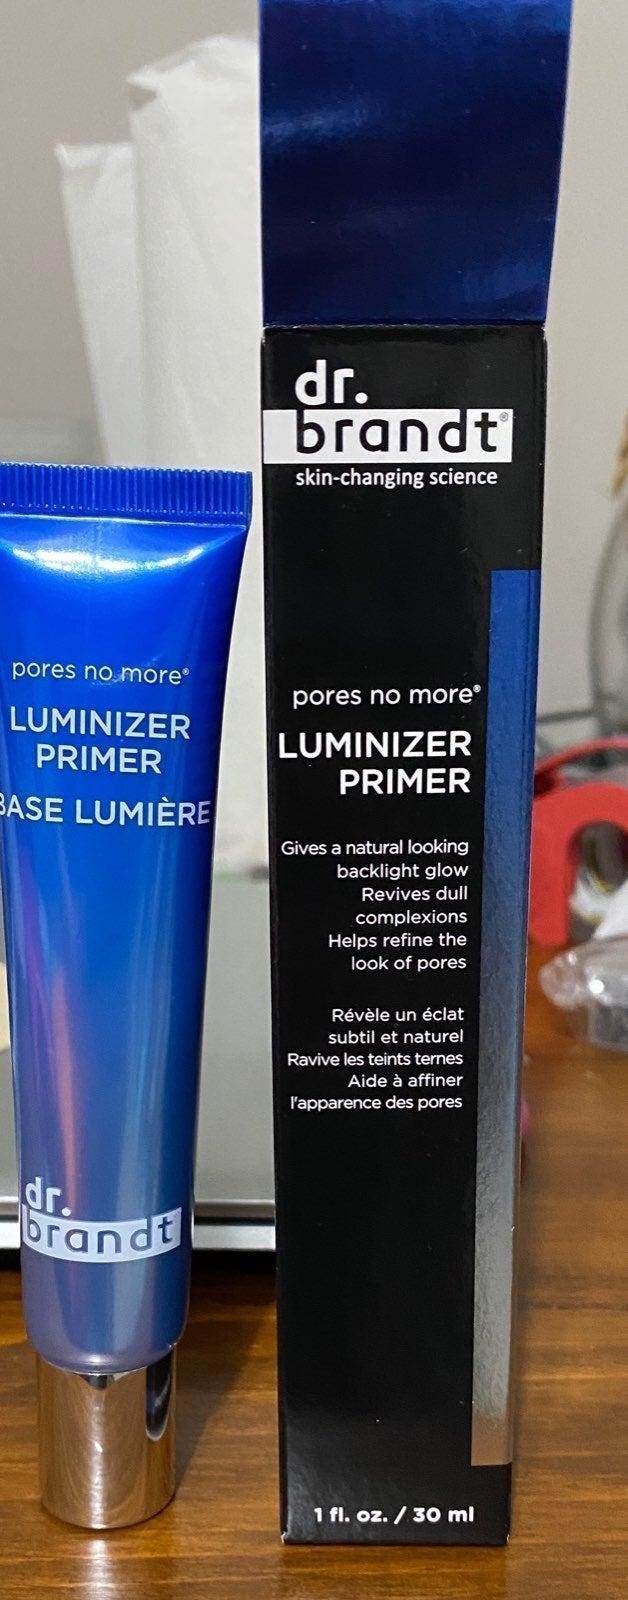 Pores no more luminizer primer